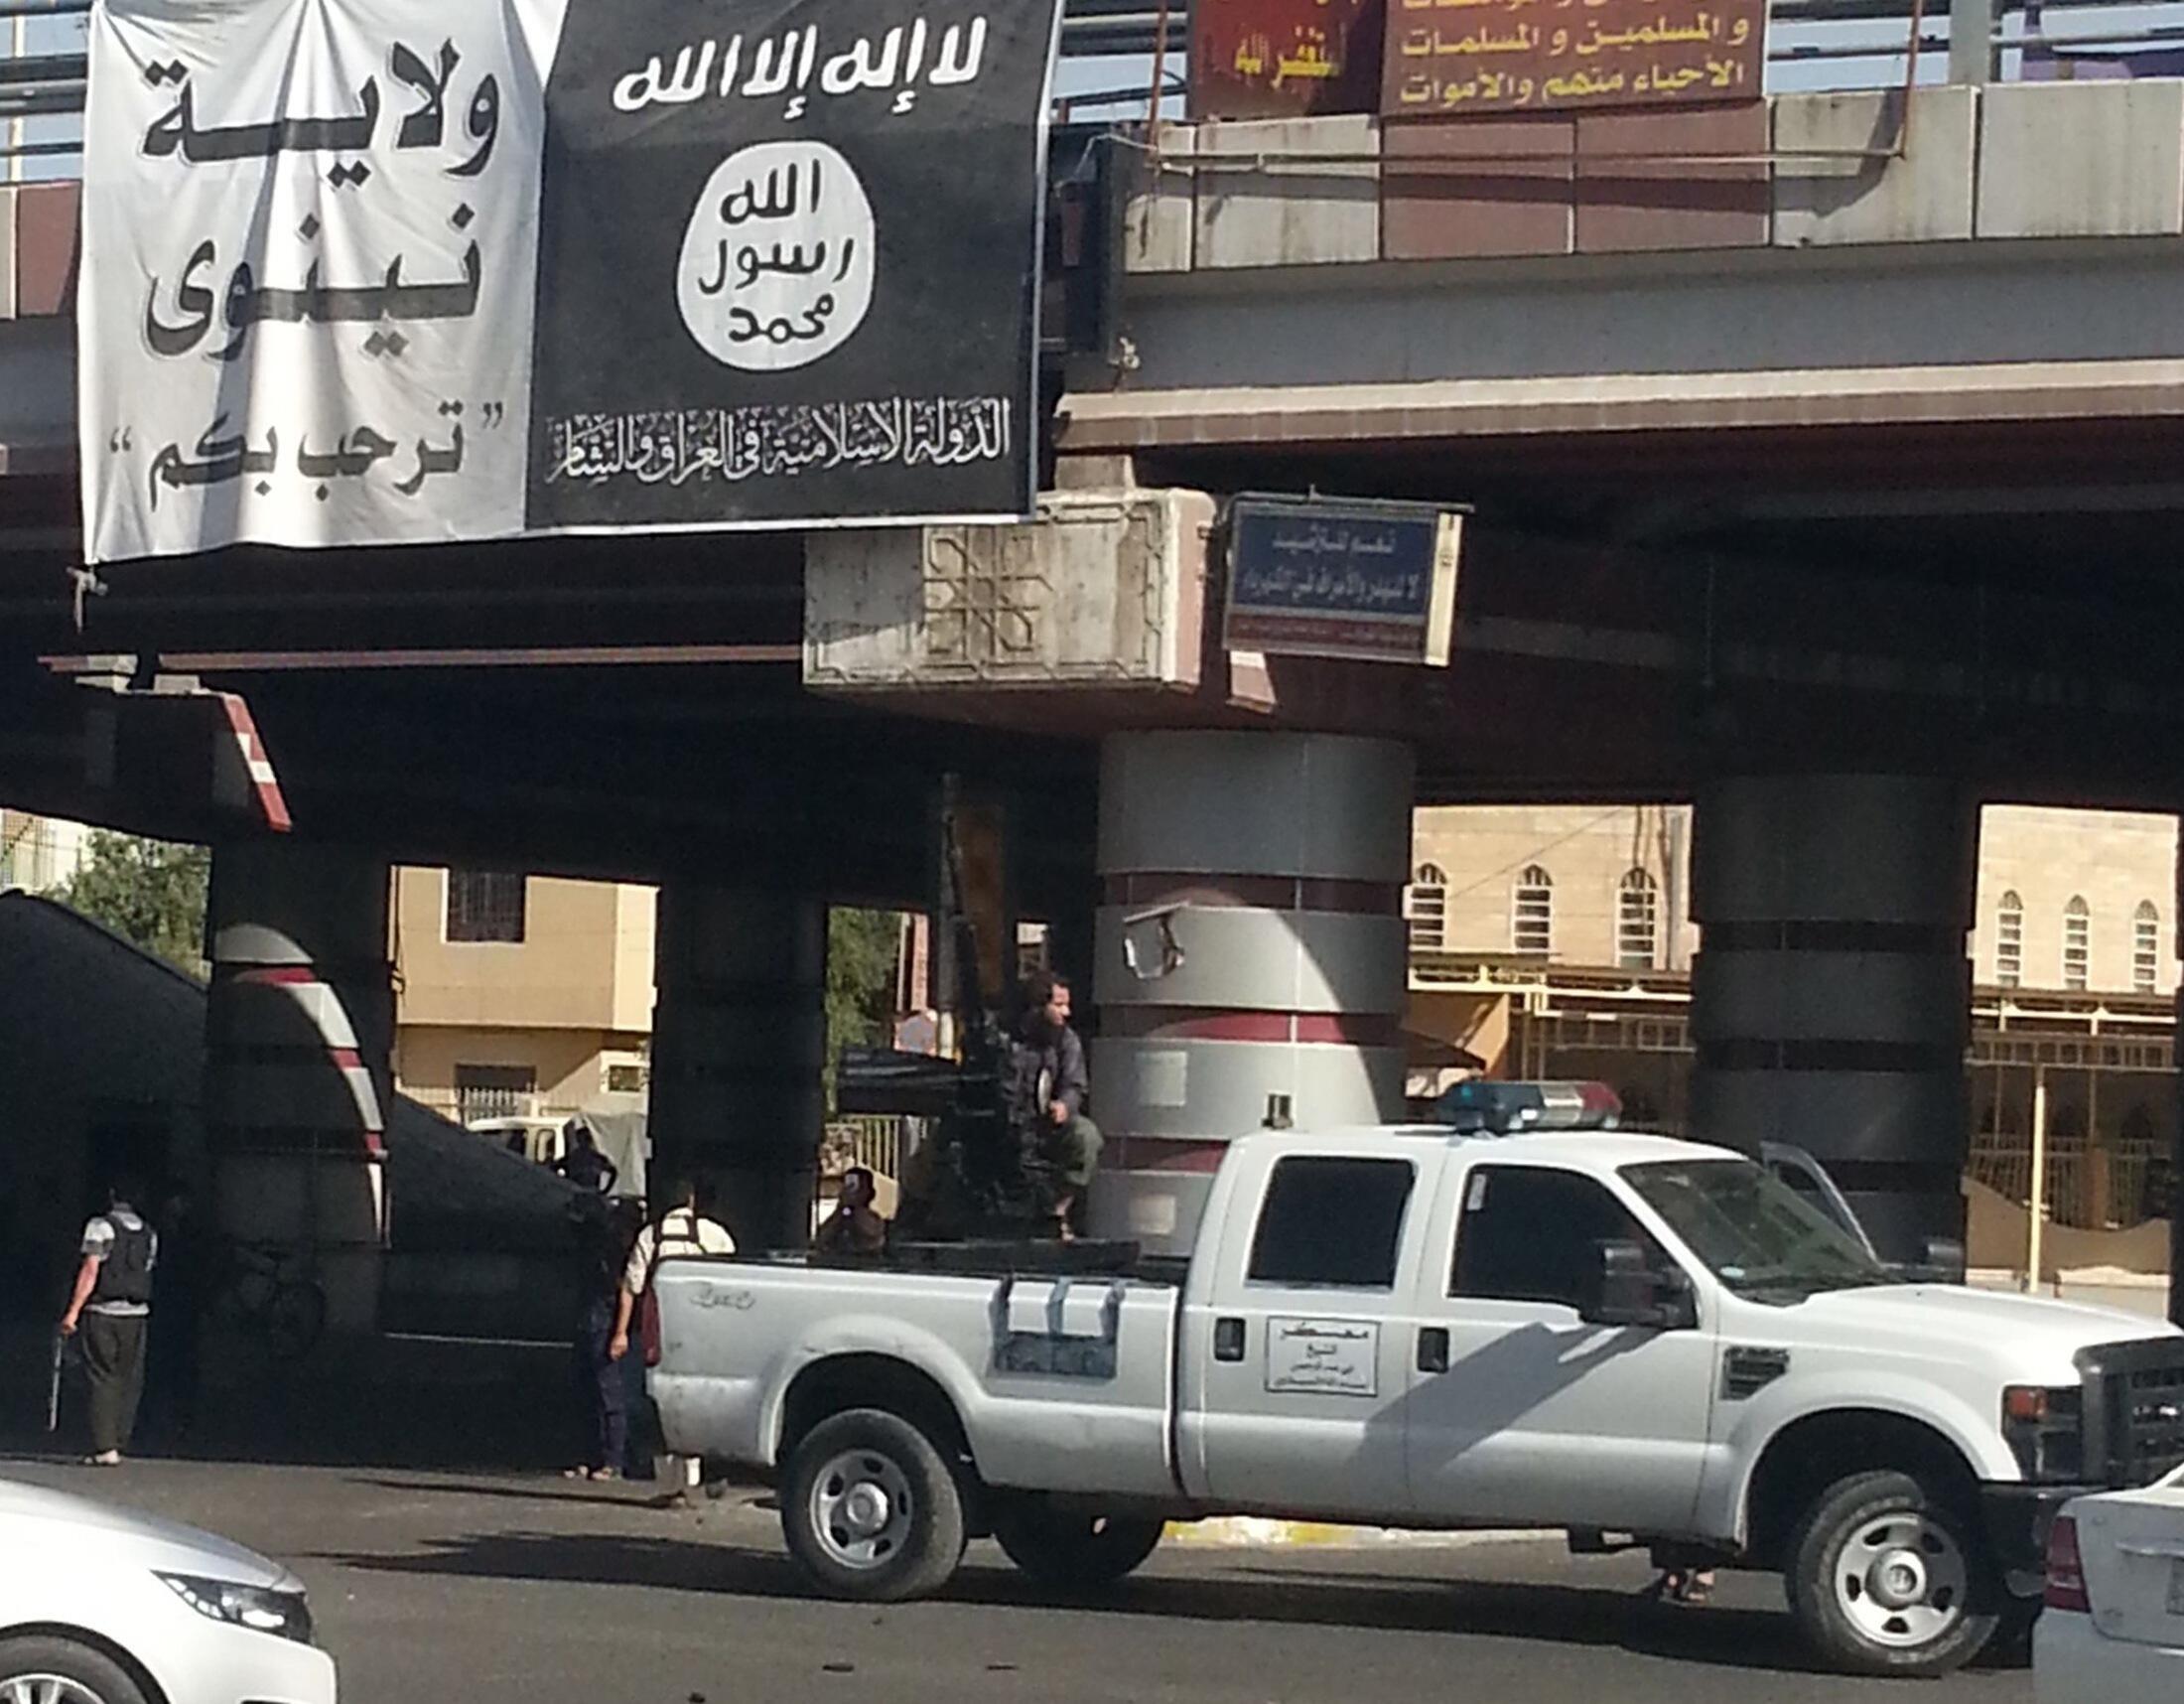 Lực lượng thánh chiến của Nhà nước Hồi giáo tại Mosoul. Ảnh ngày 16/07/2014.